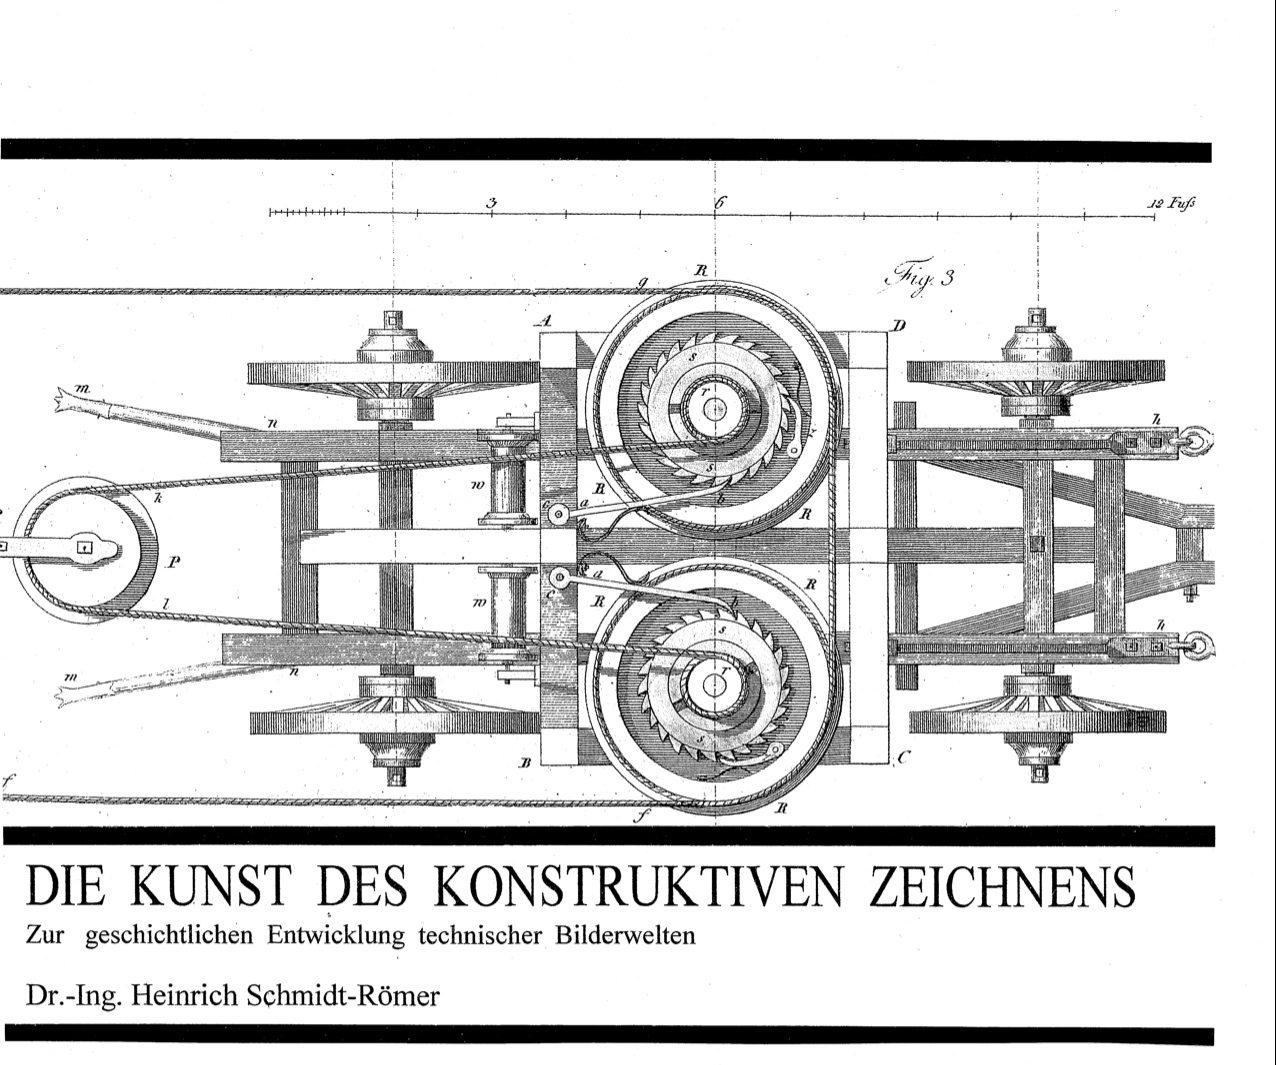 Bild 1a